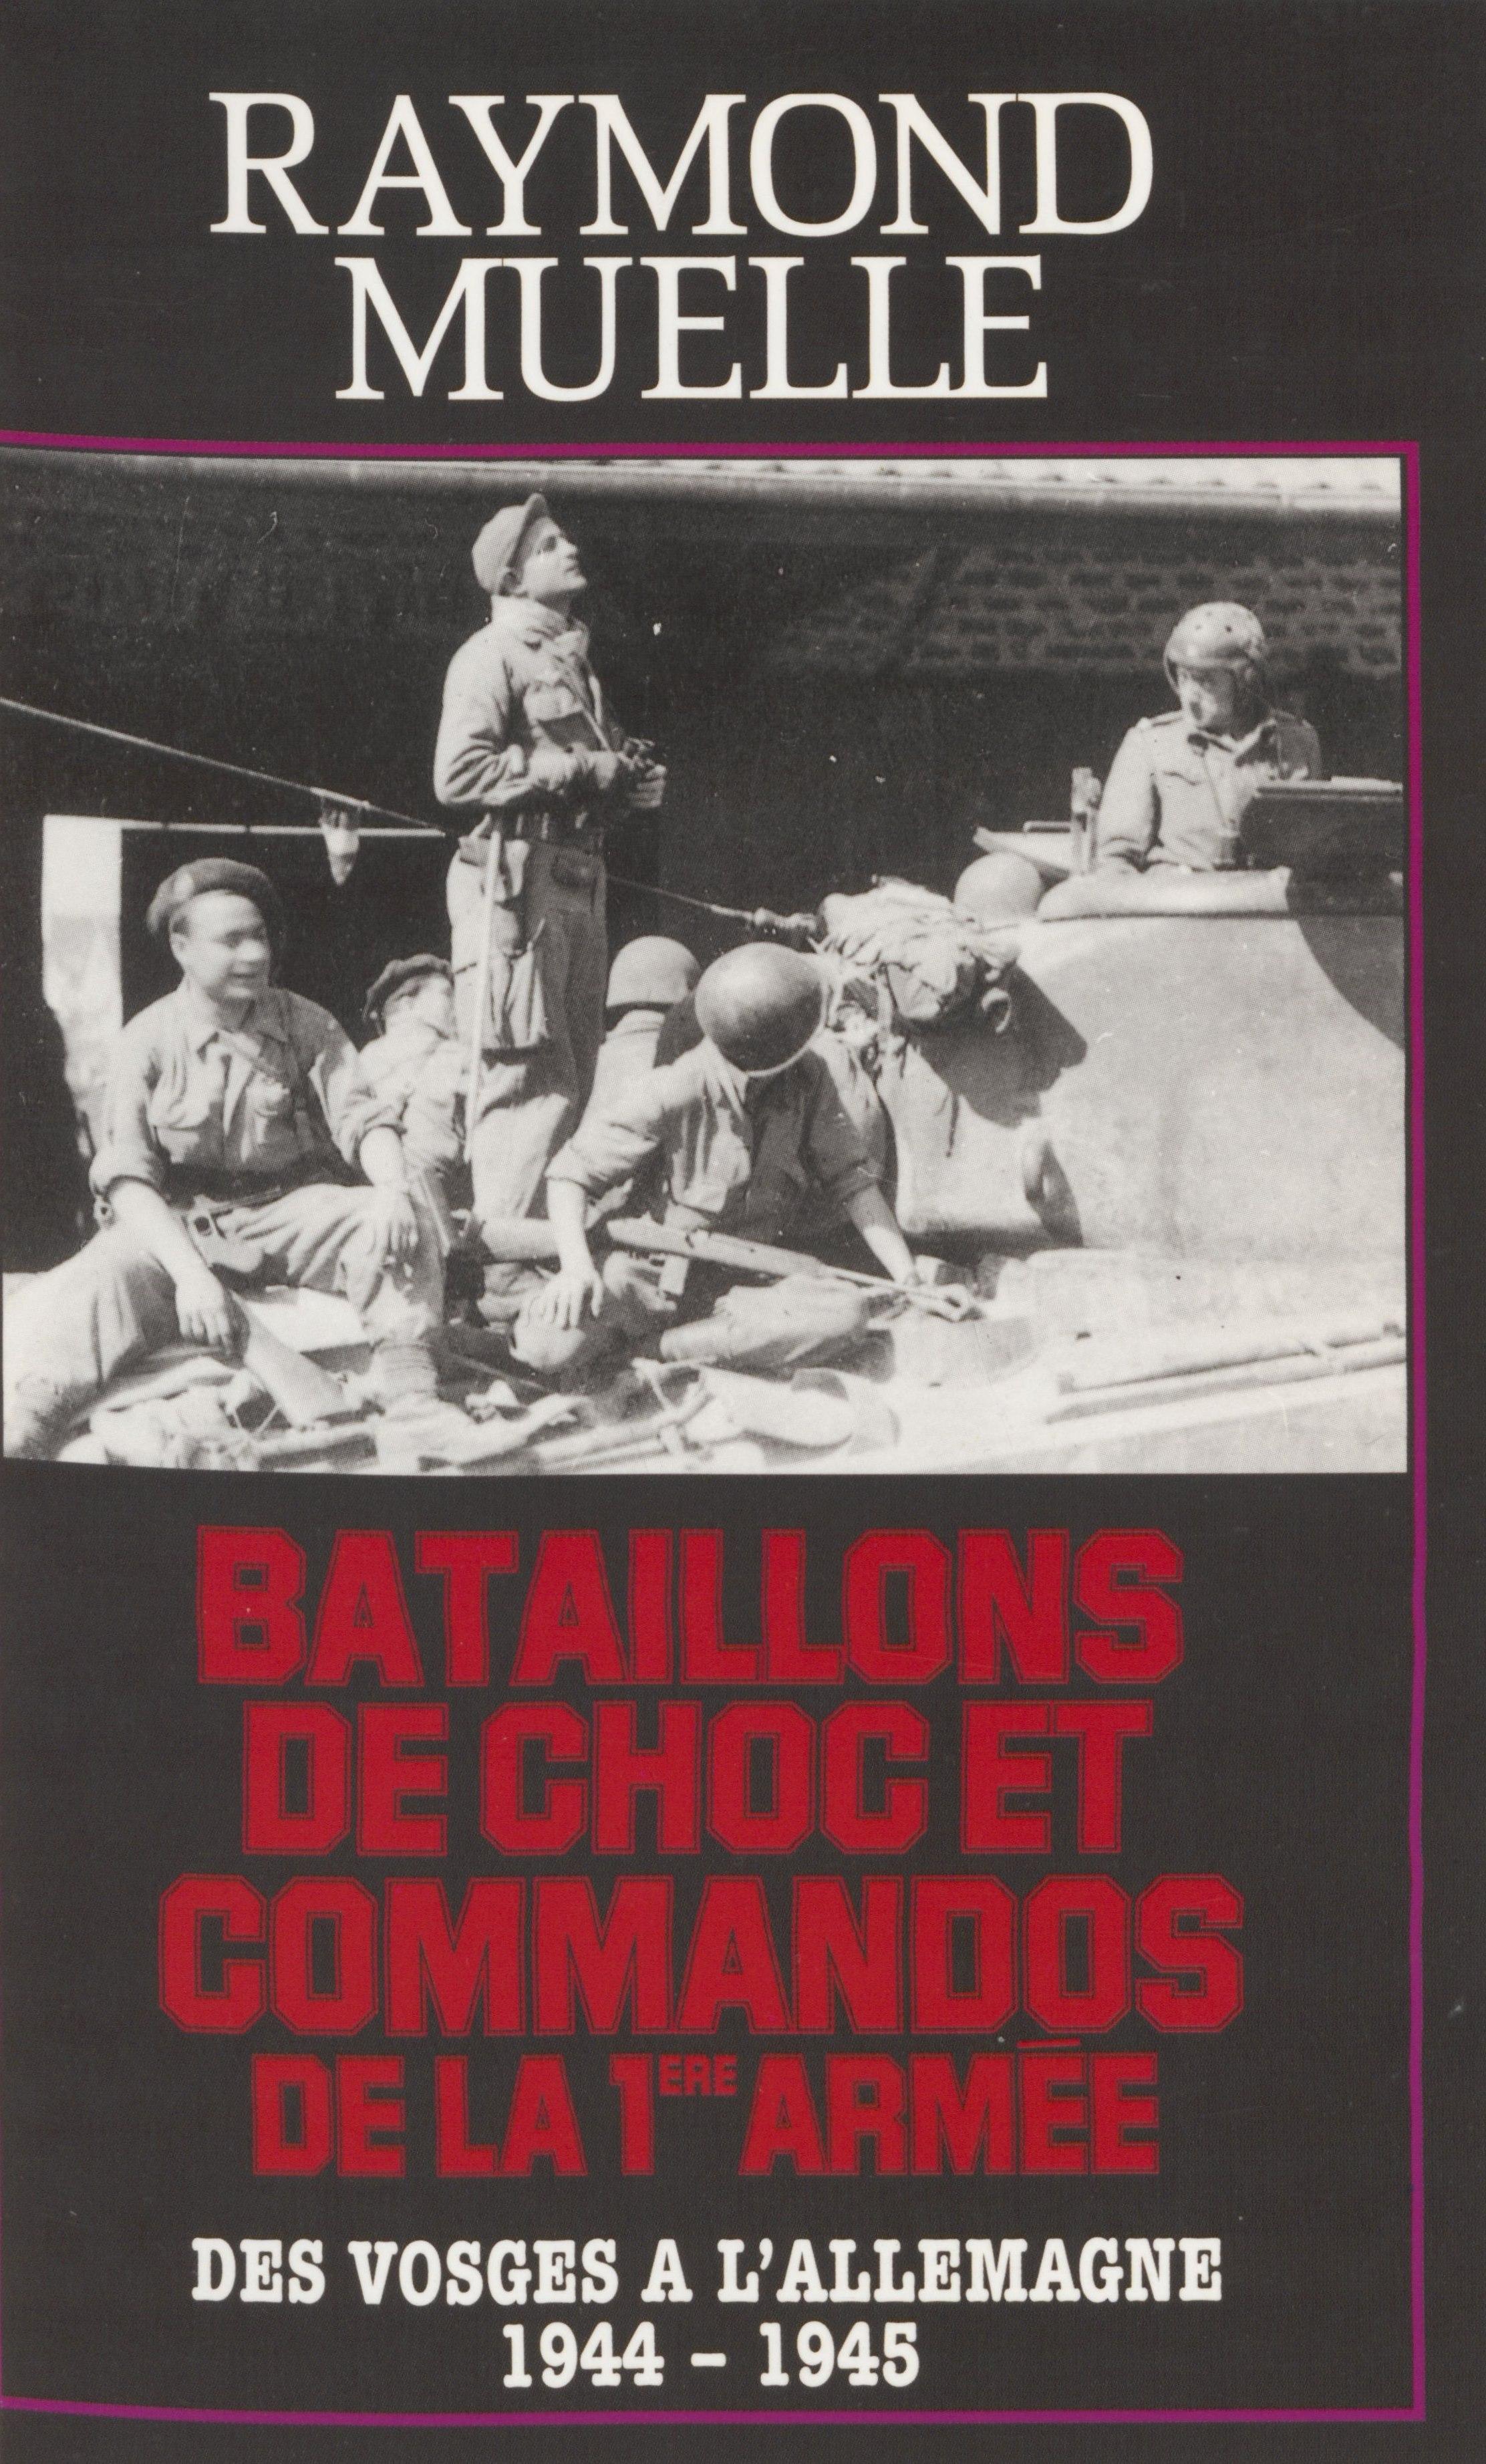 Bataillons de chocs et comm...